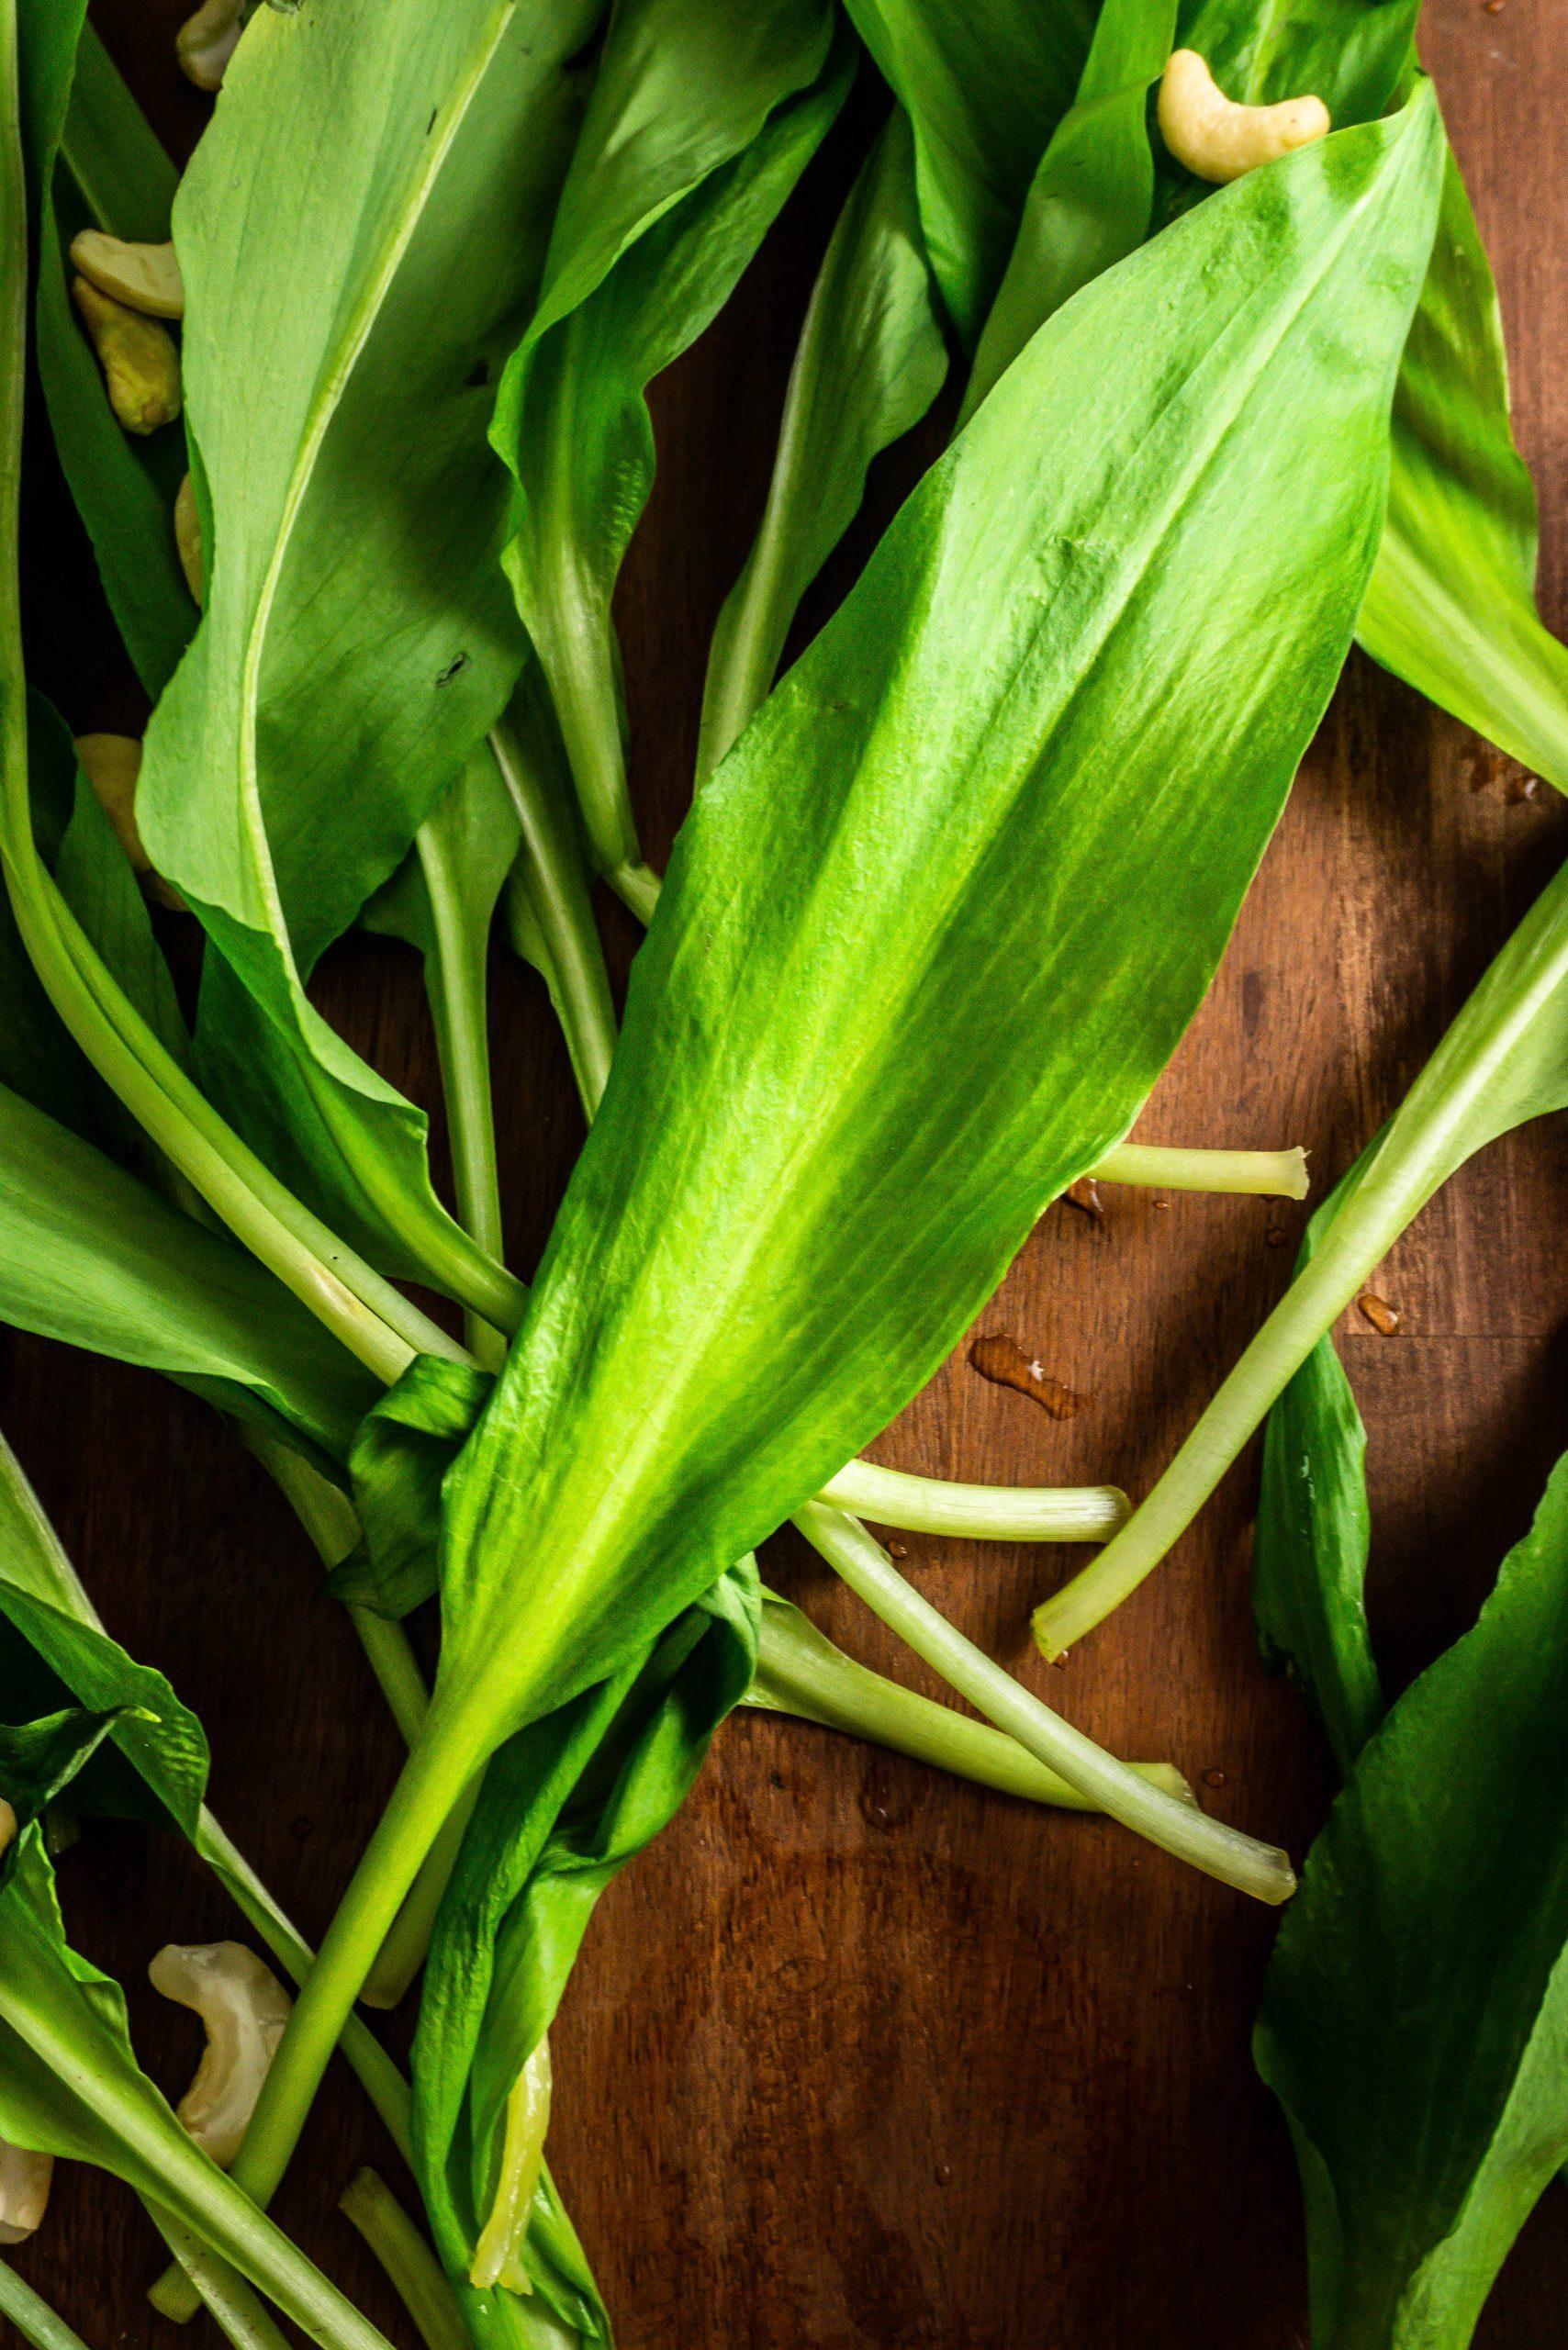 Wild Garlic leaves on a dark wooden background with a few cashews strewn around